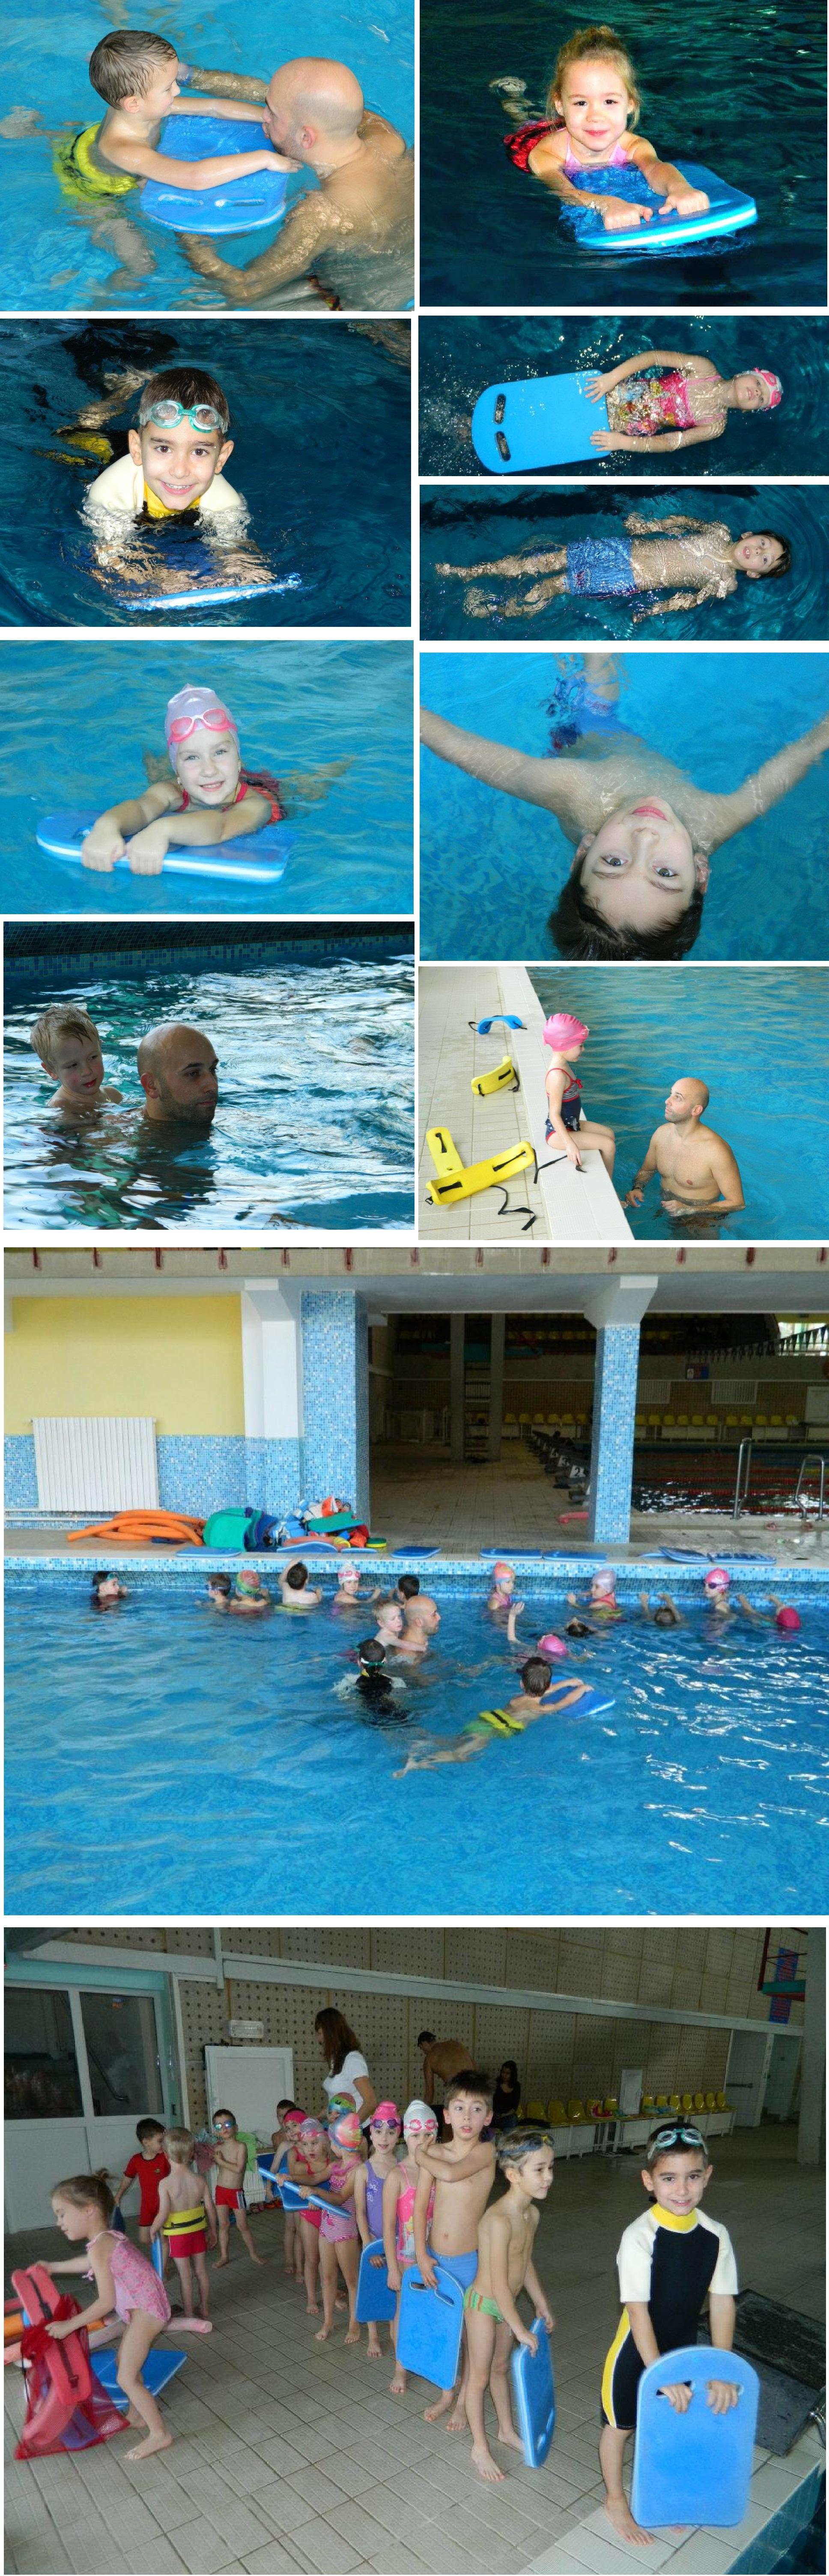 Swim long